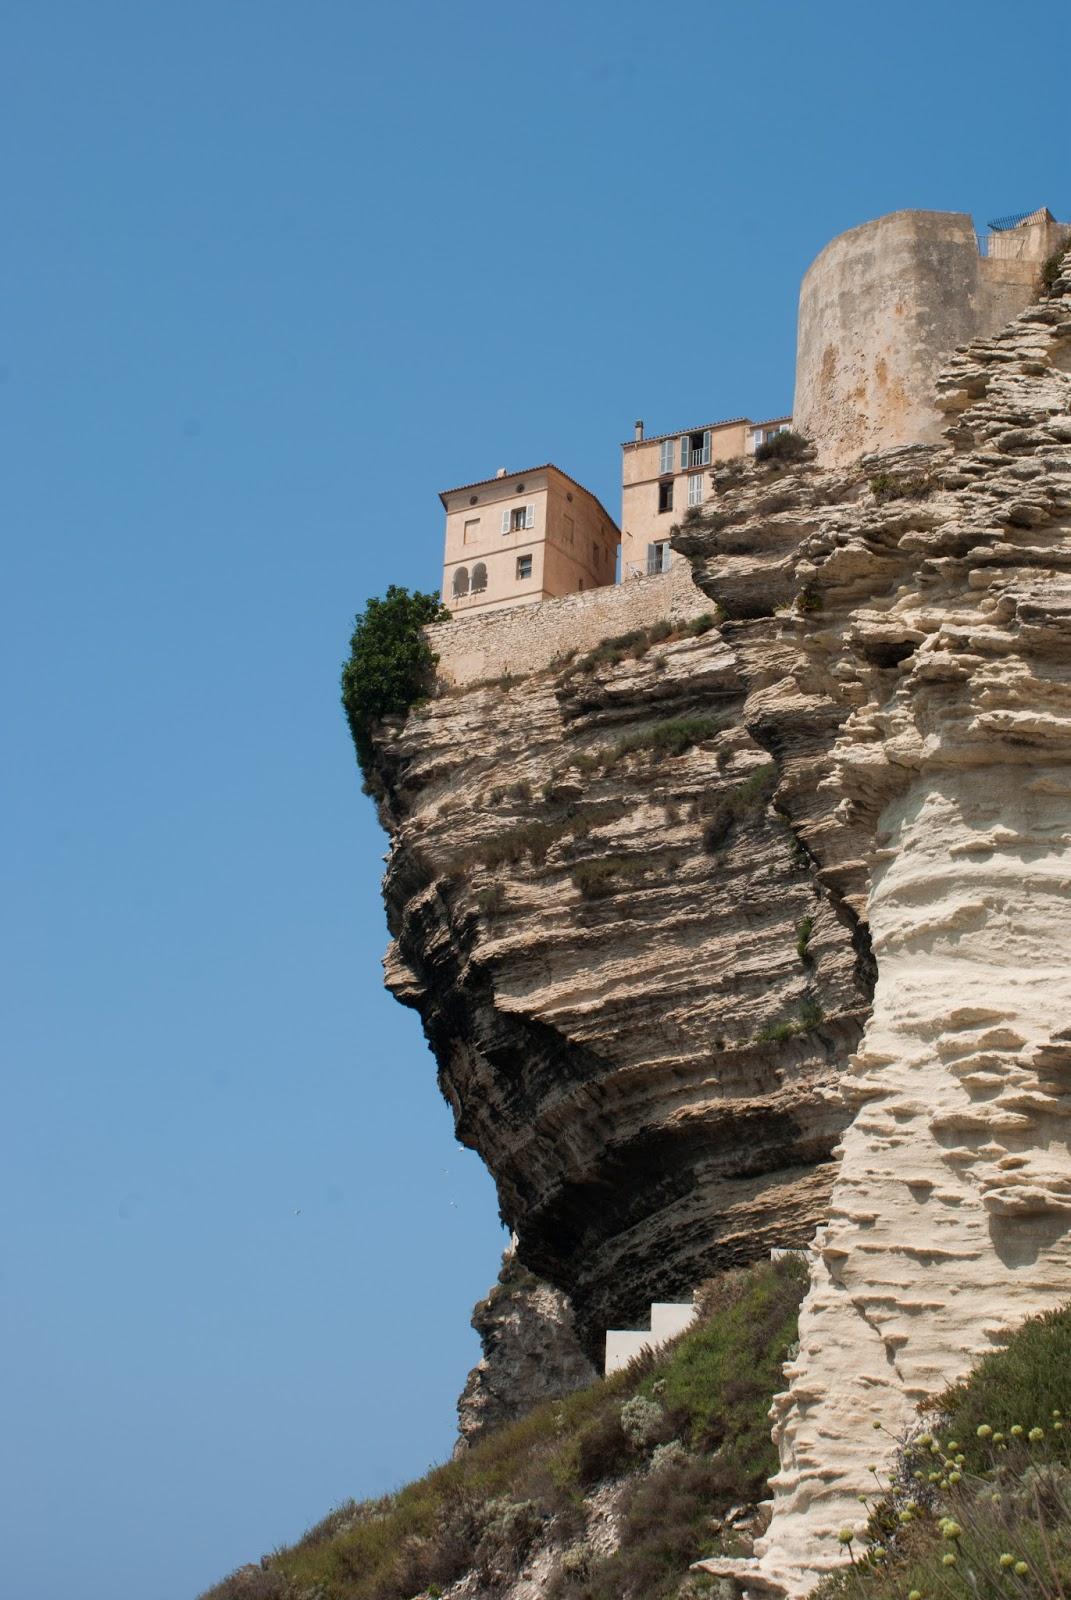 bonifacio corse corsica été falaise cliff mer sea